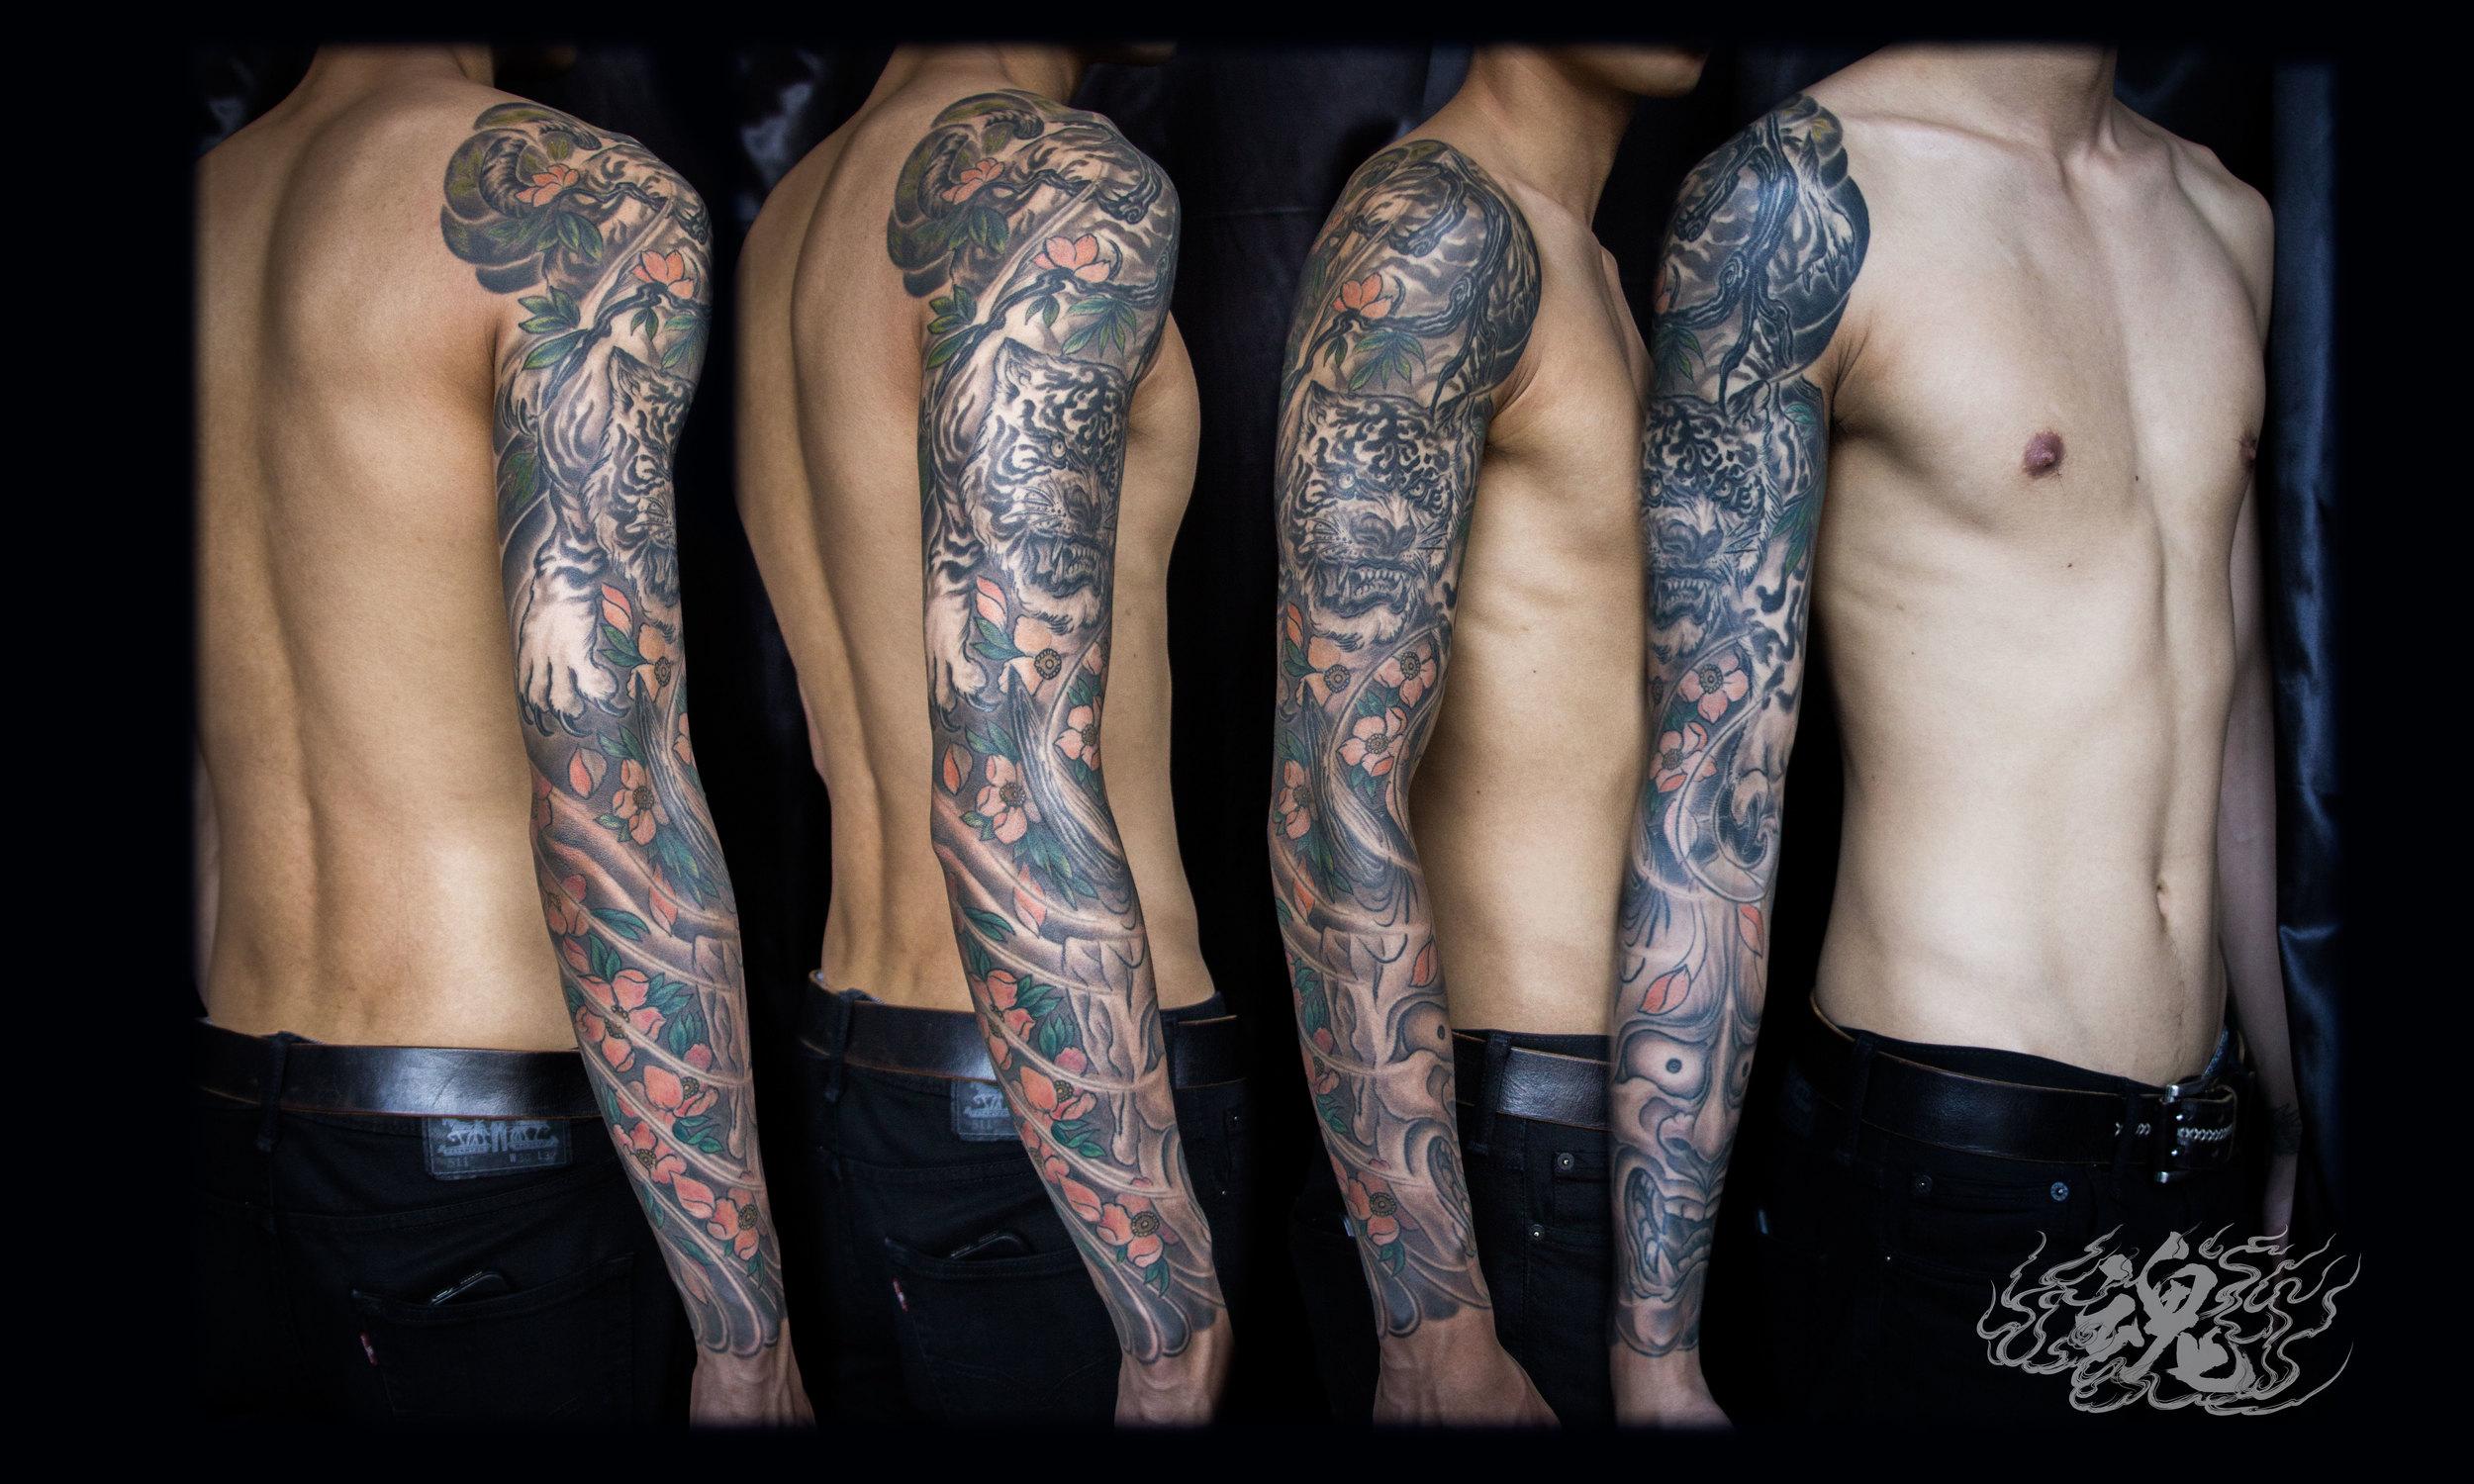 Vagrant_Souls_Tiger_Sleeve_Brooklyn_Tattoo_3.jpg